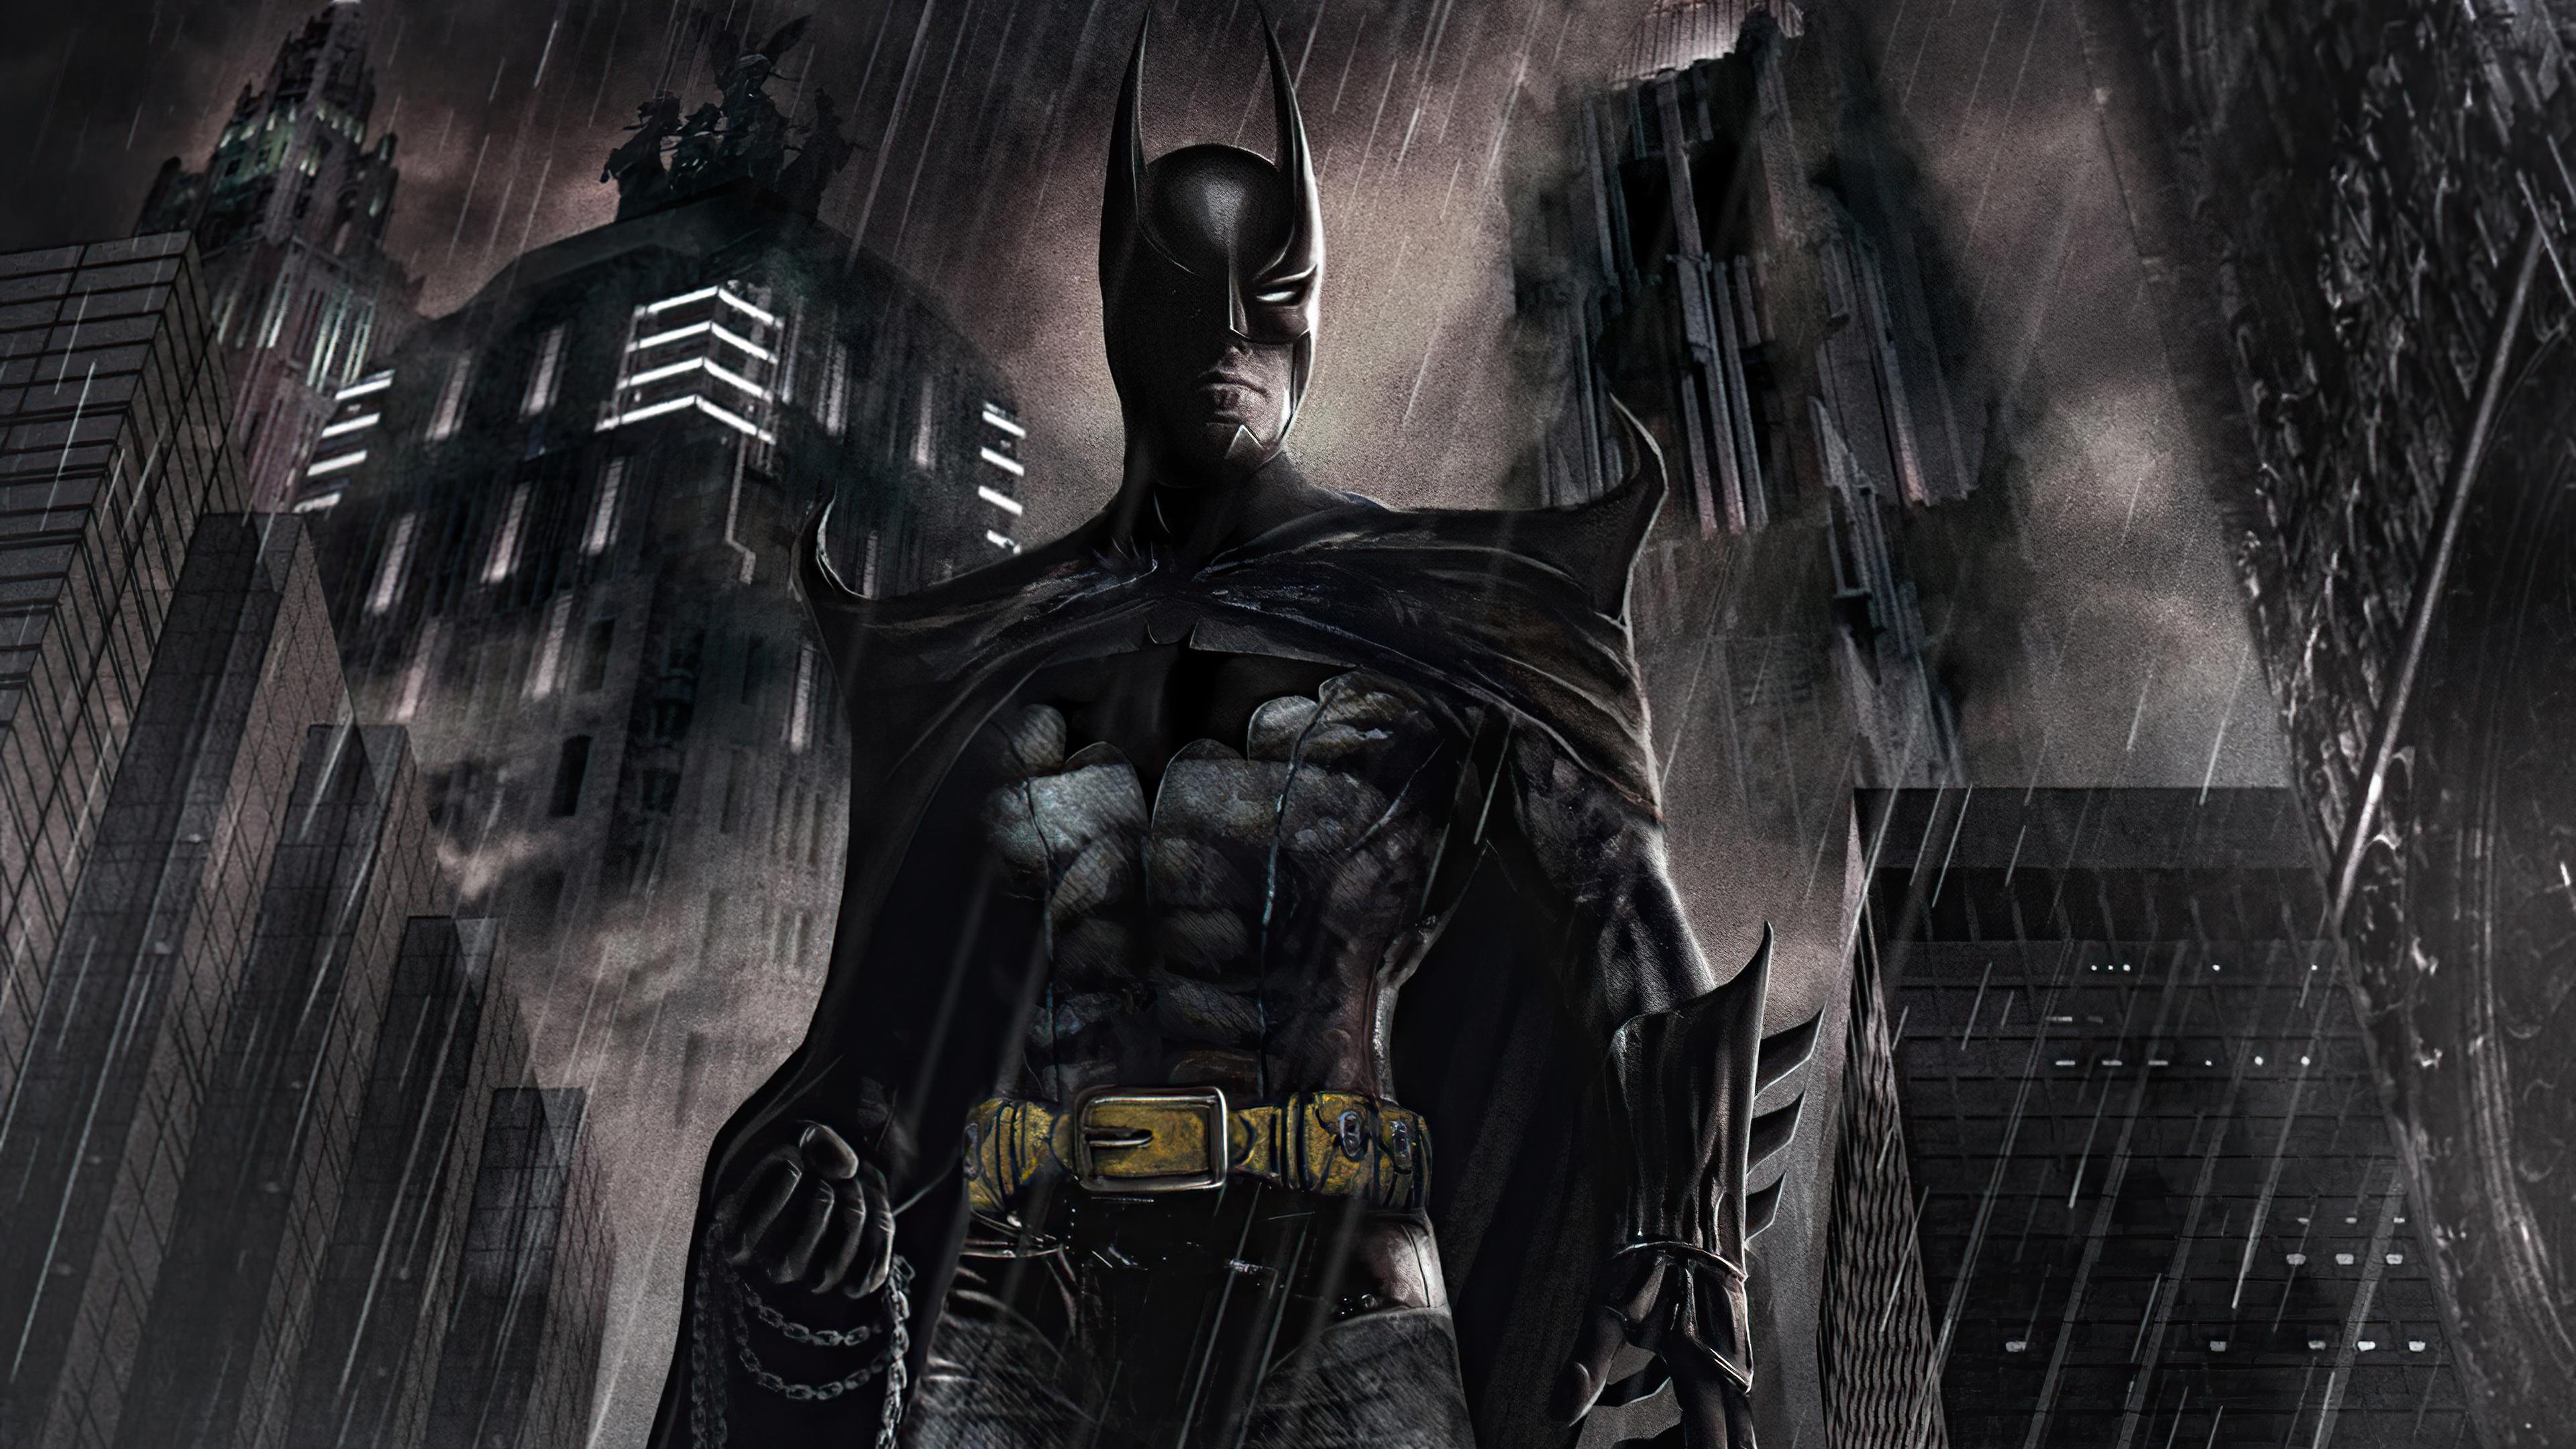 Fondos de pantalla The Batman Concepto Oscuro